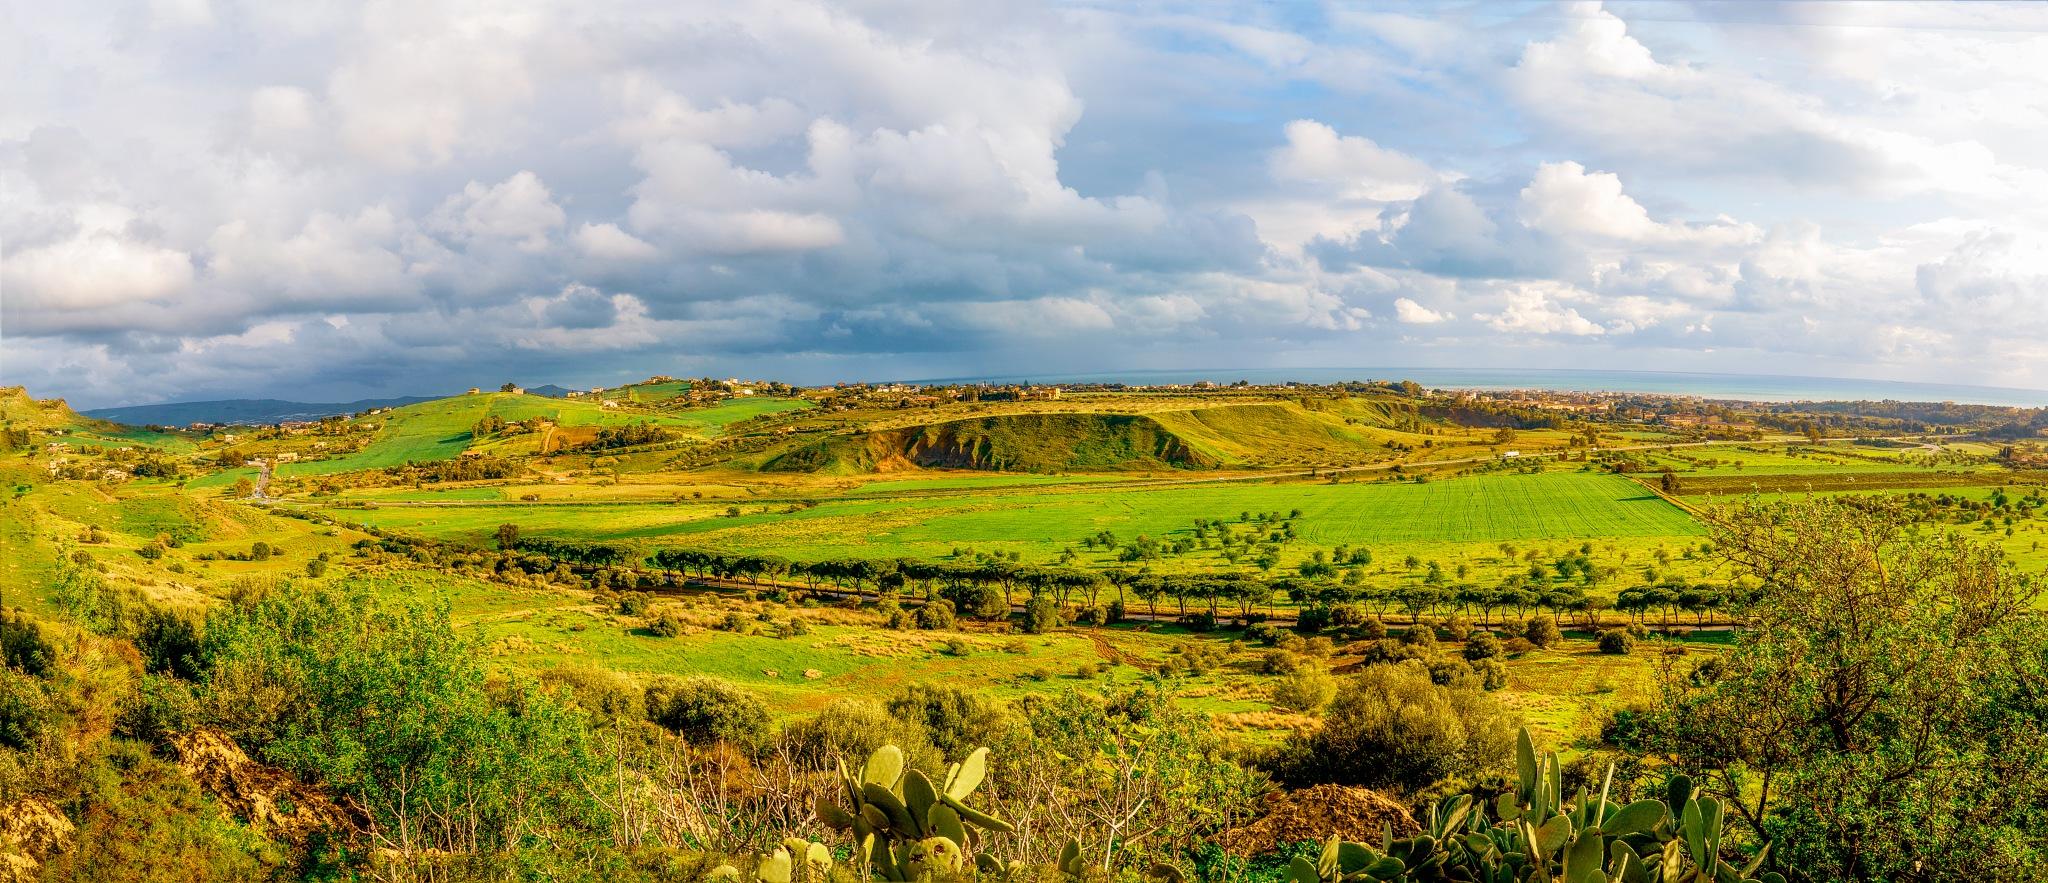 Agrigento, Panorama  by Venelin Todorov